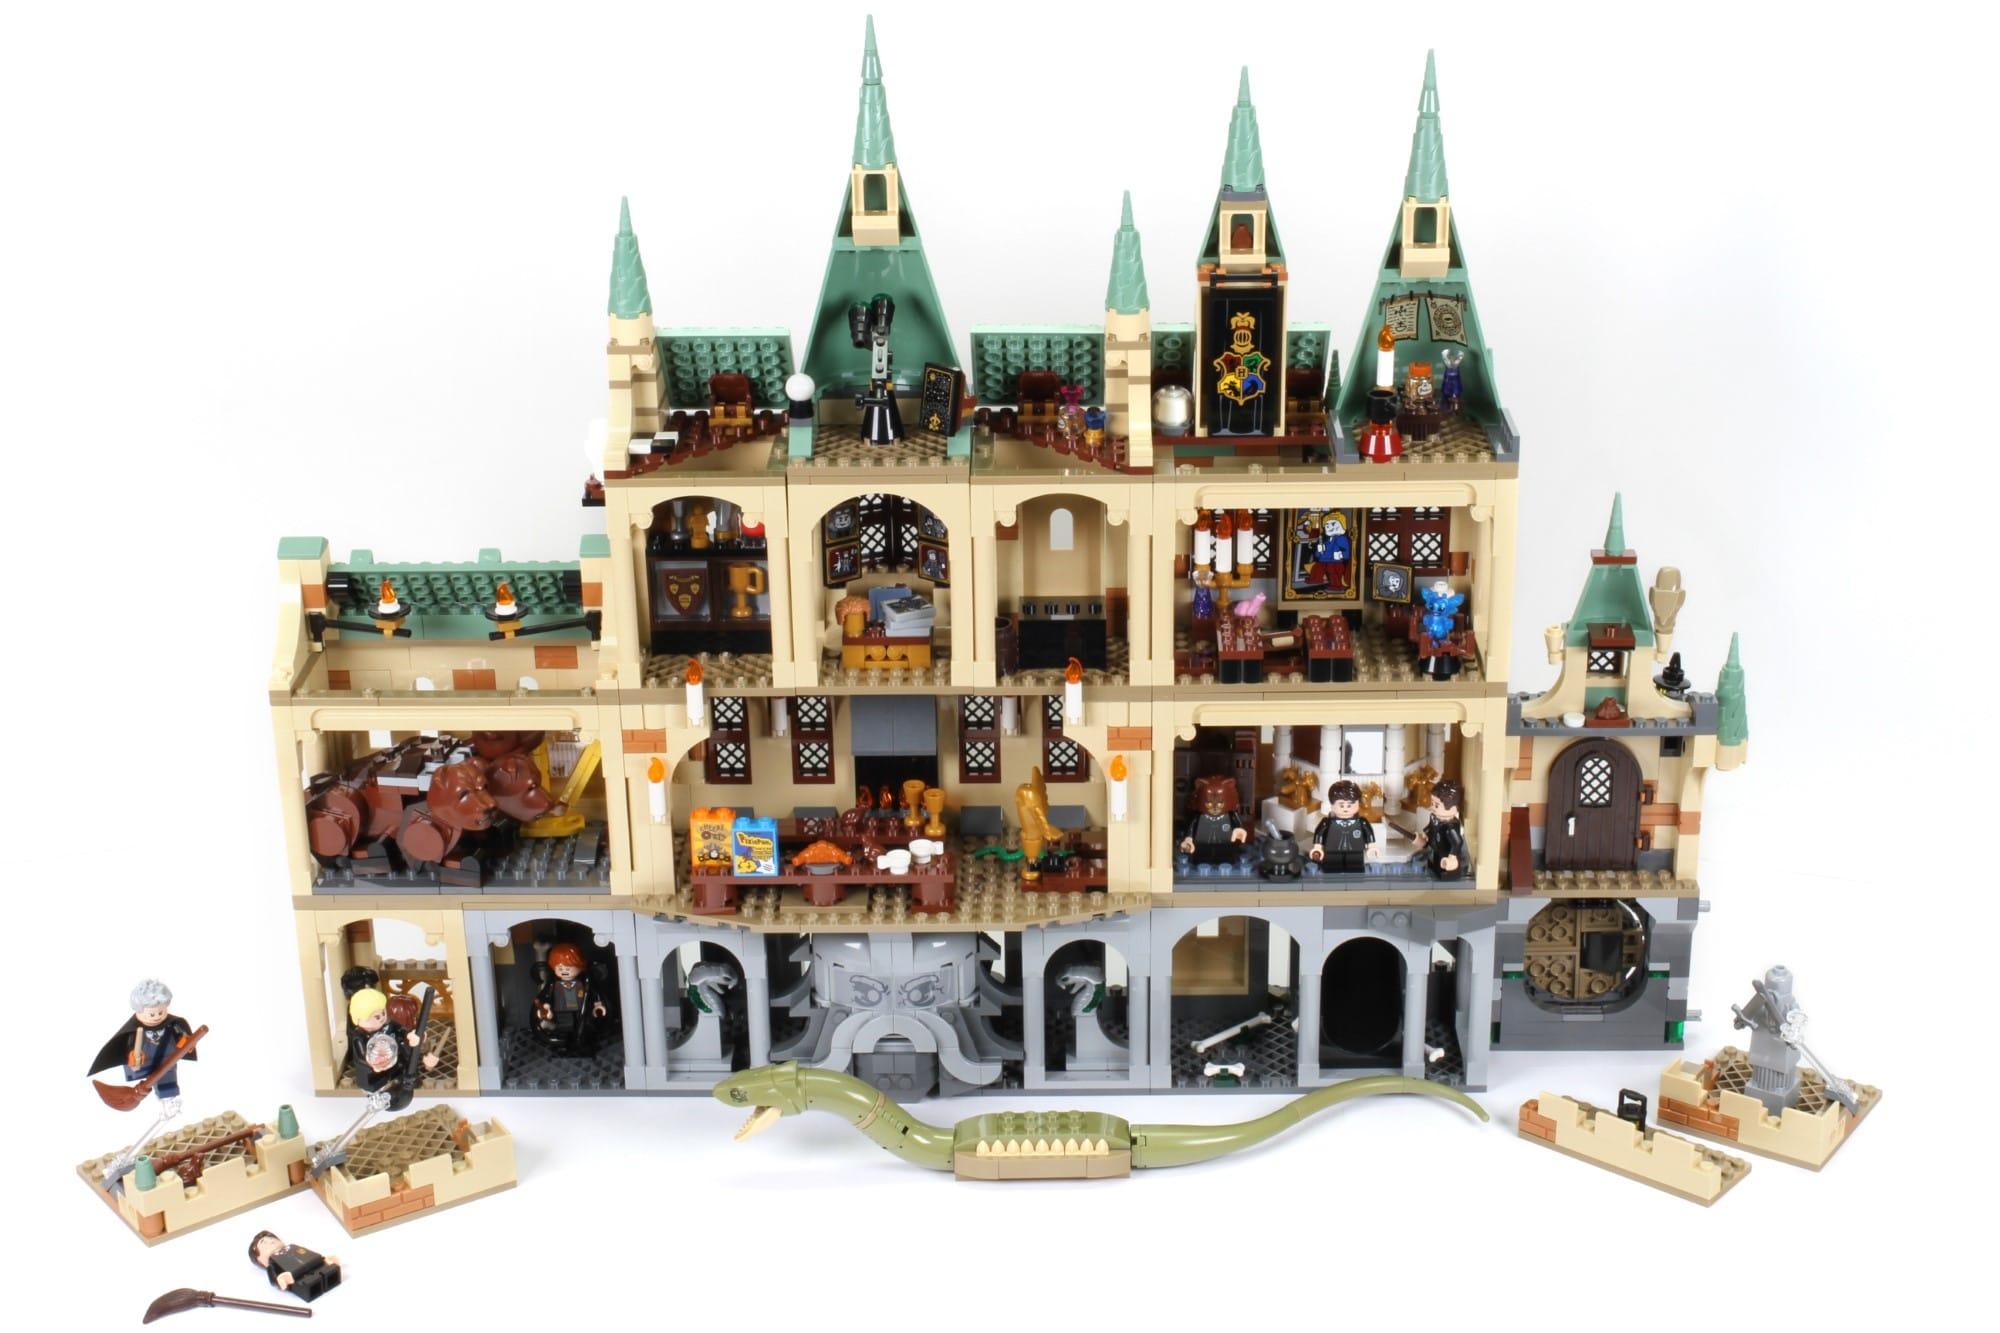 LEGO Harry Potter 76389 Hogwarts Kammer Des Schreckens Mit Erweiterungen (1)